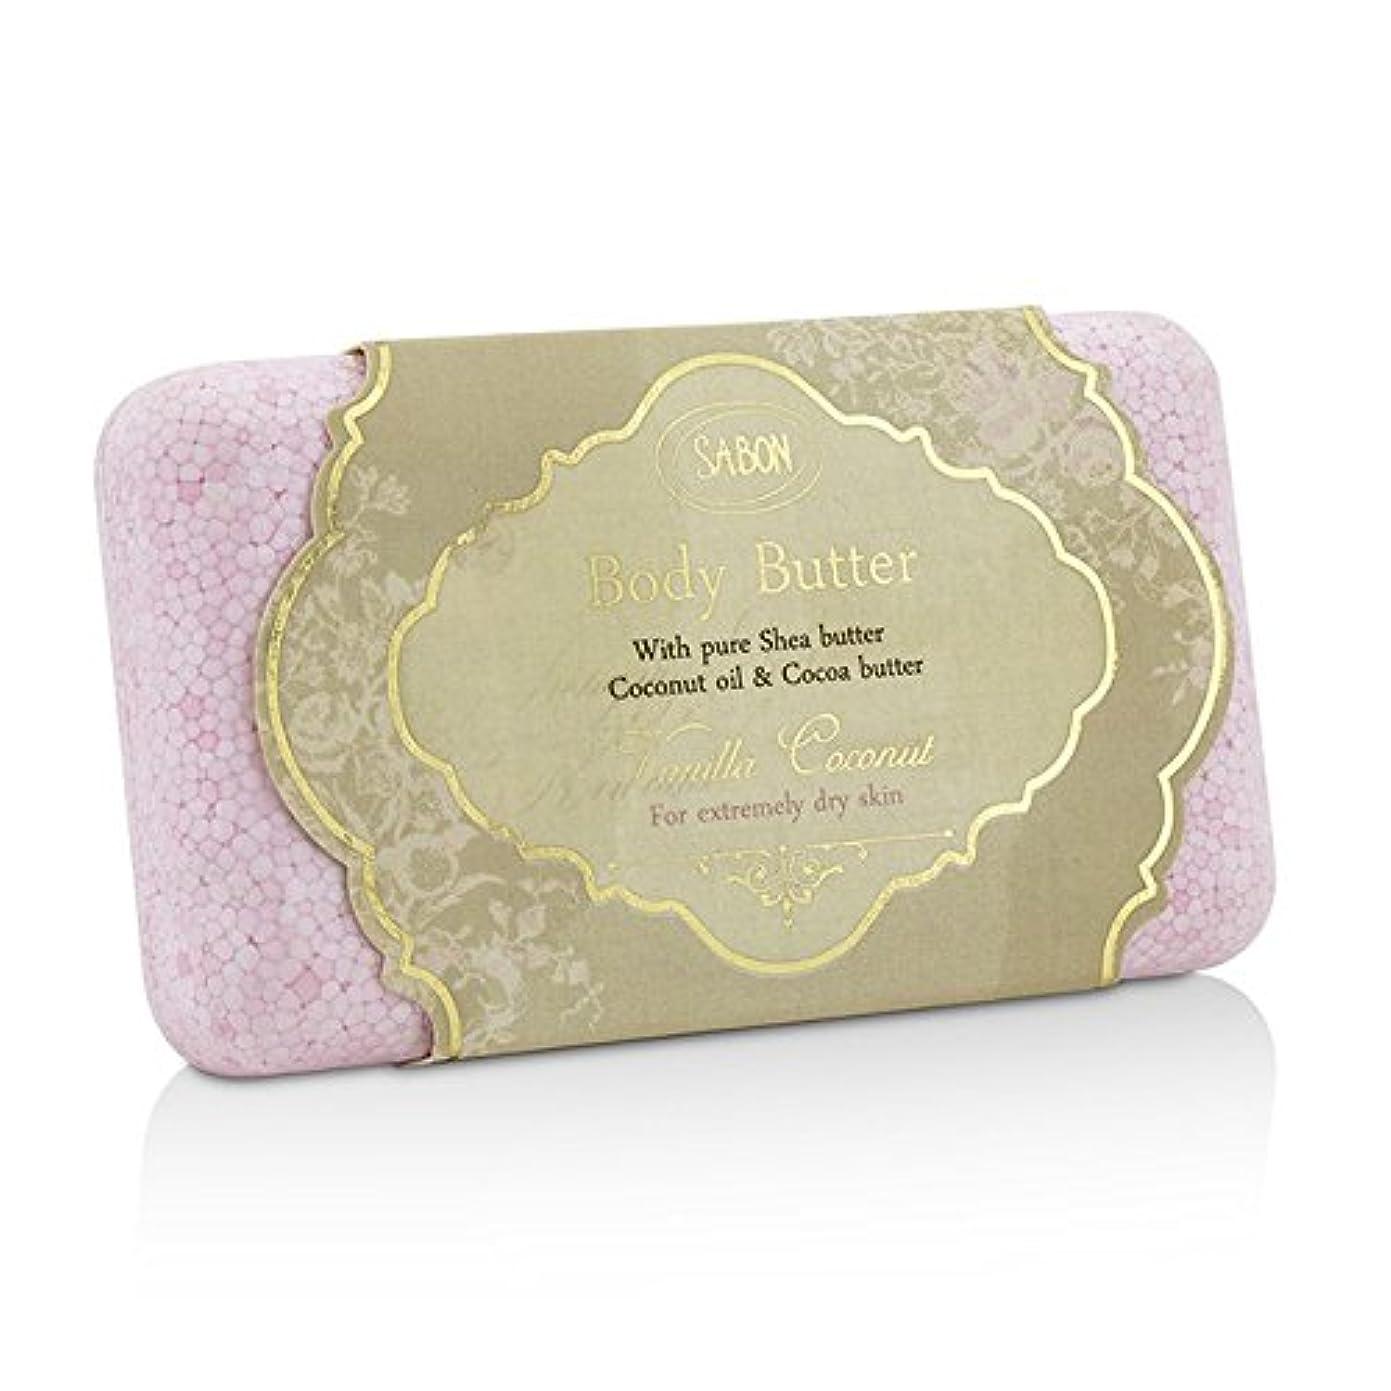 指標暴行傾向がありますサボン Body Butter (For Extremely Dry Skin) - Vanilla Coconut 100g/3.53oz並行輸入品